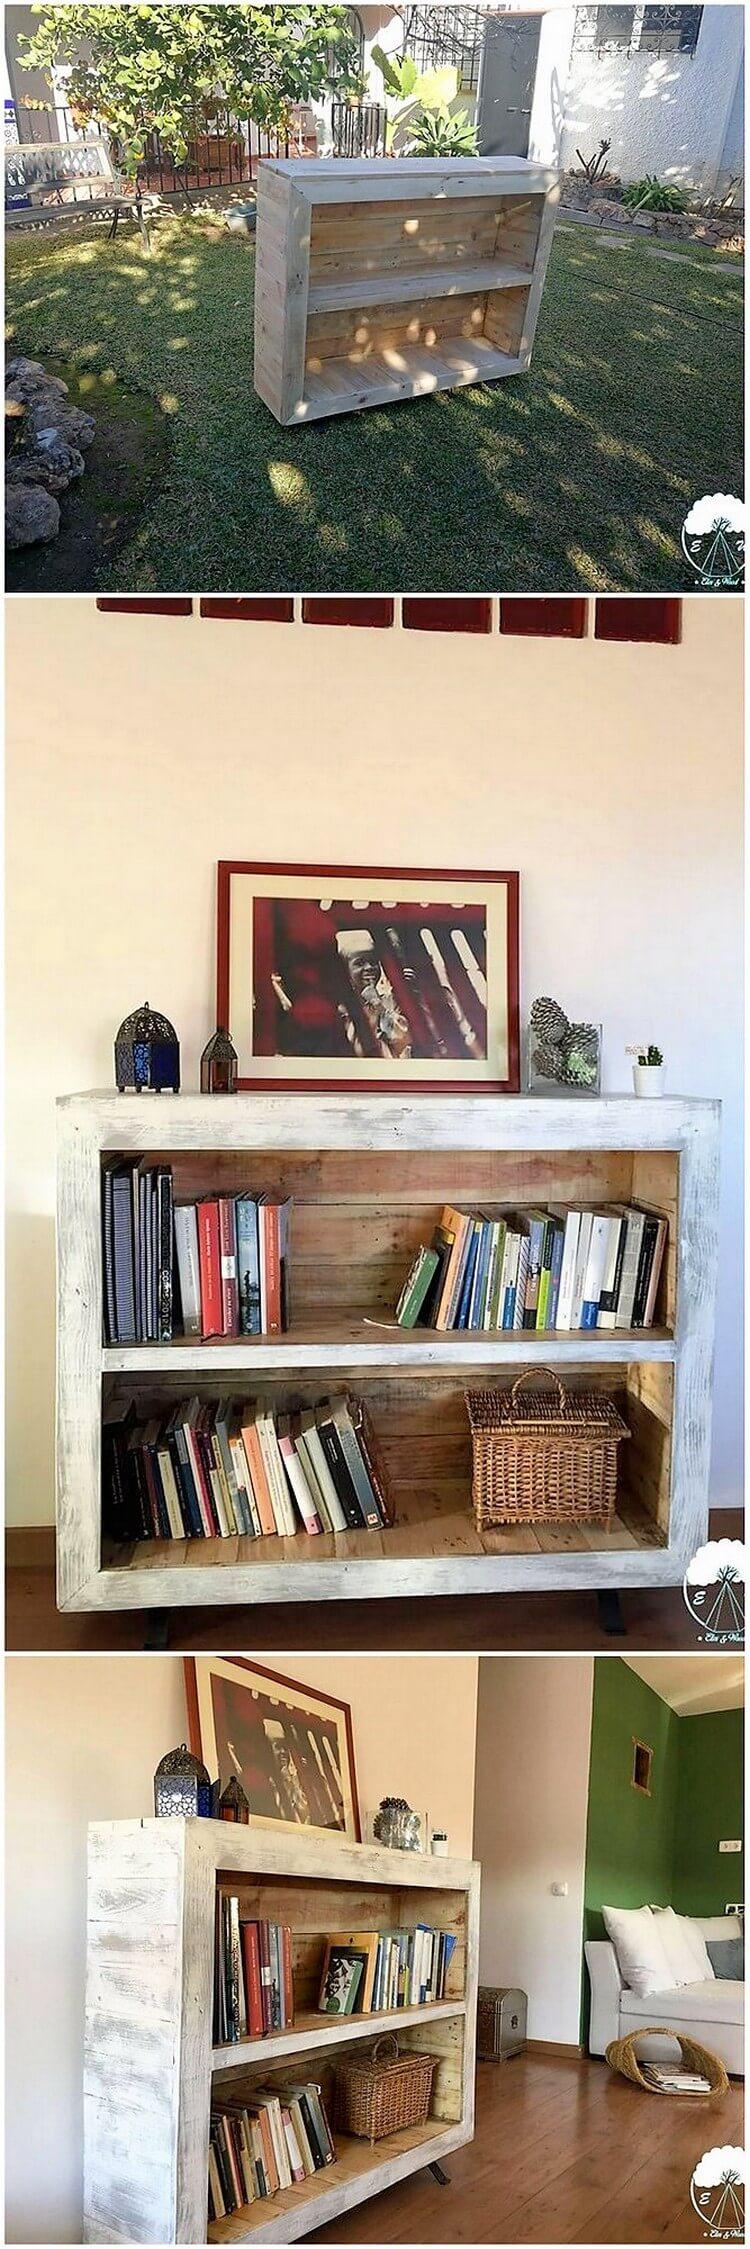 Pallet Bookshelving Cabinet